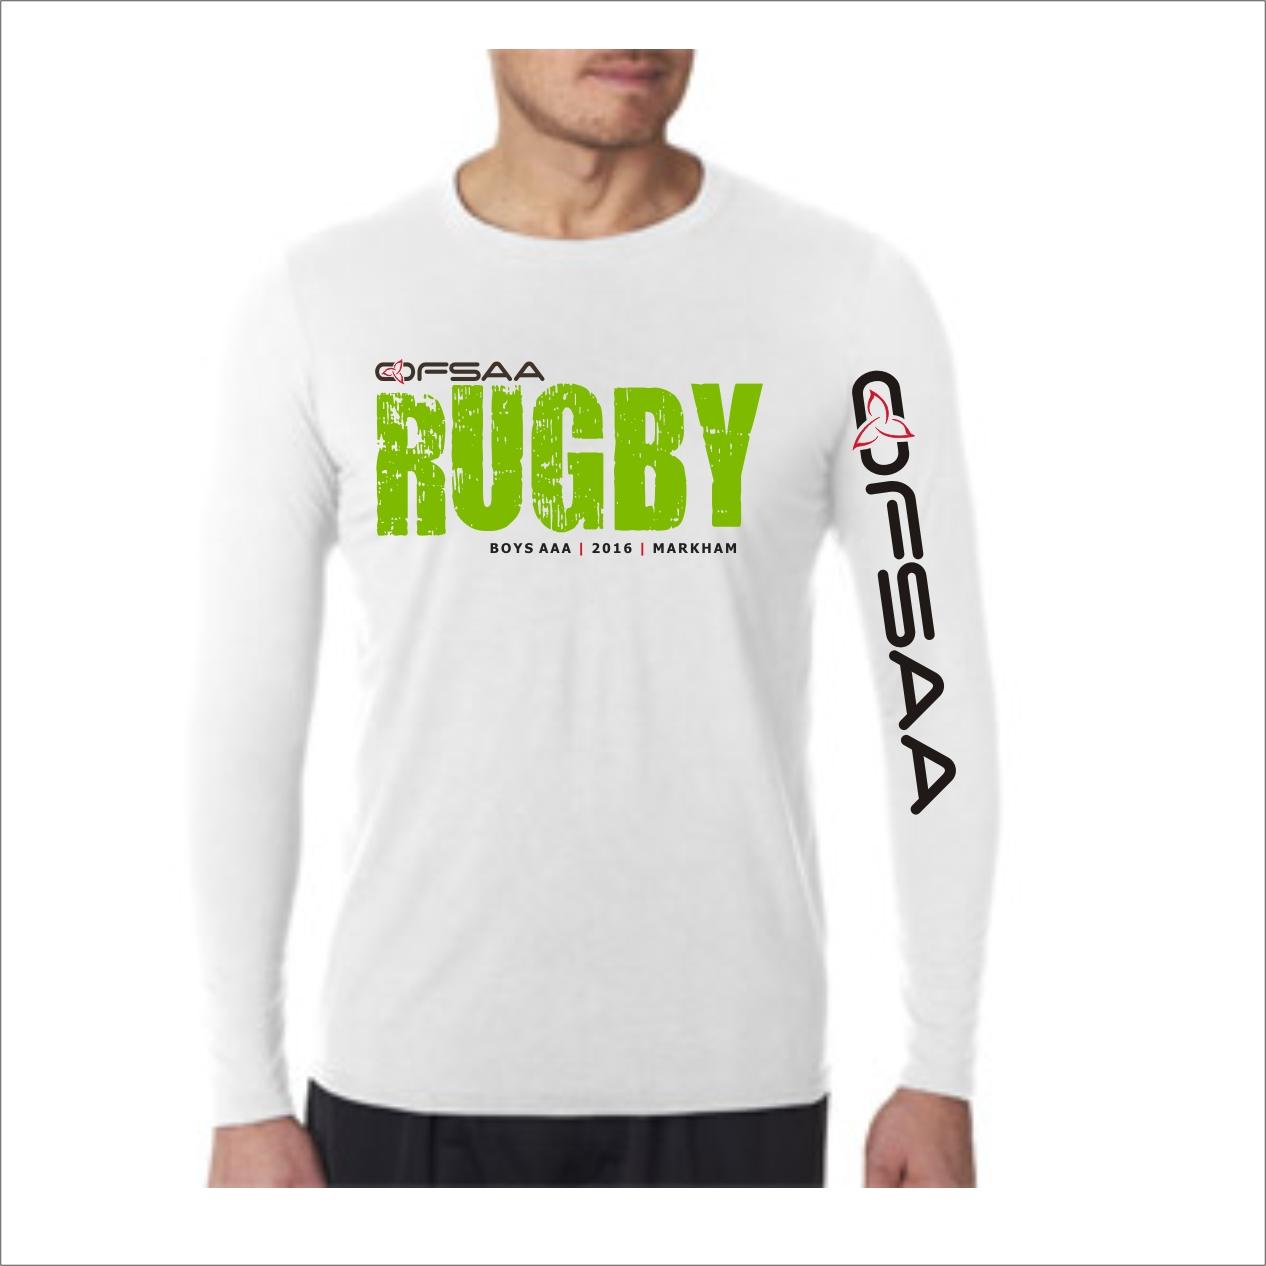 2016 Boys AAA Rugby LS tshirt single.jpg